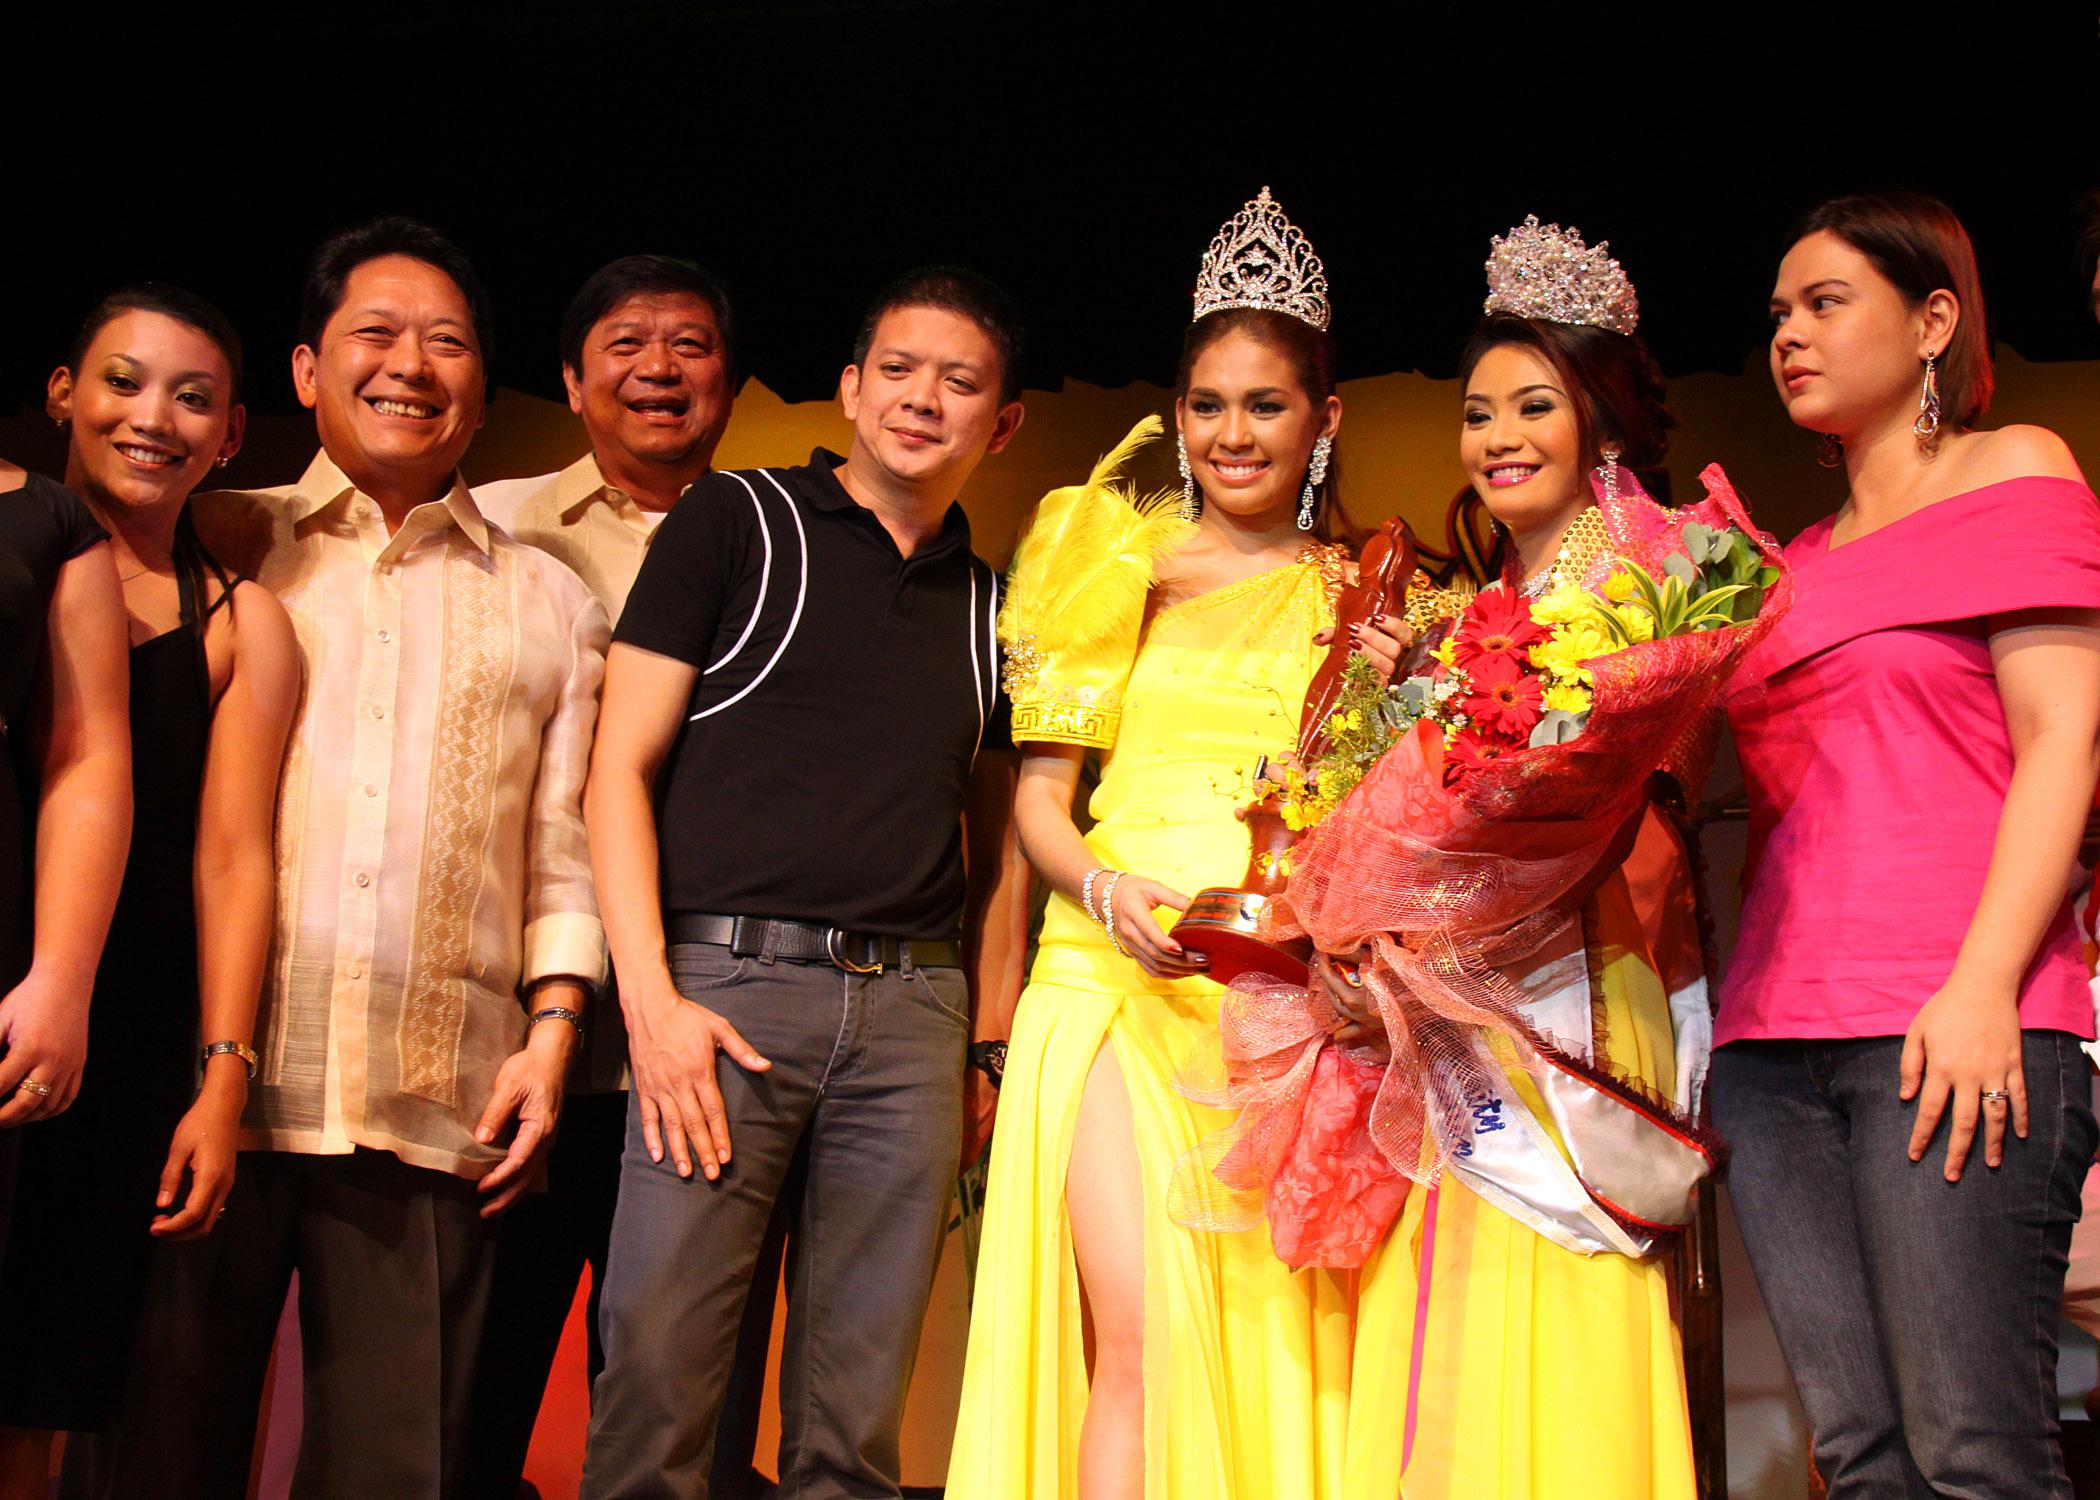 chiz-crowns-mutya-ng-davao